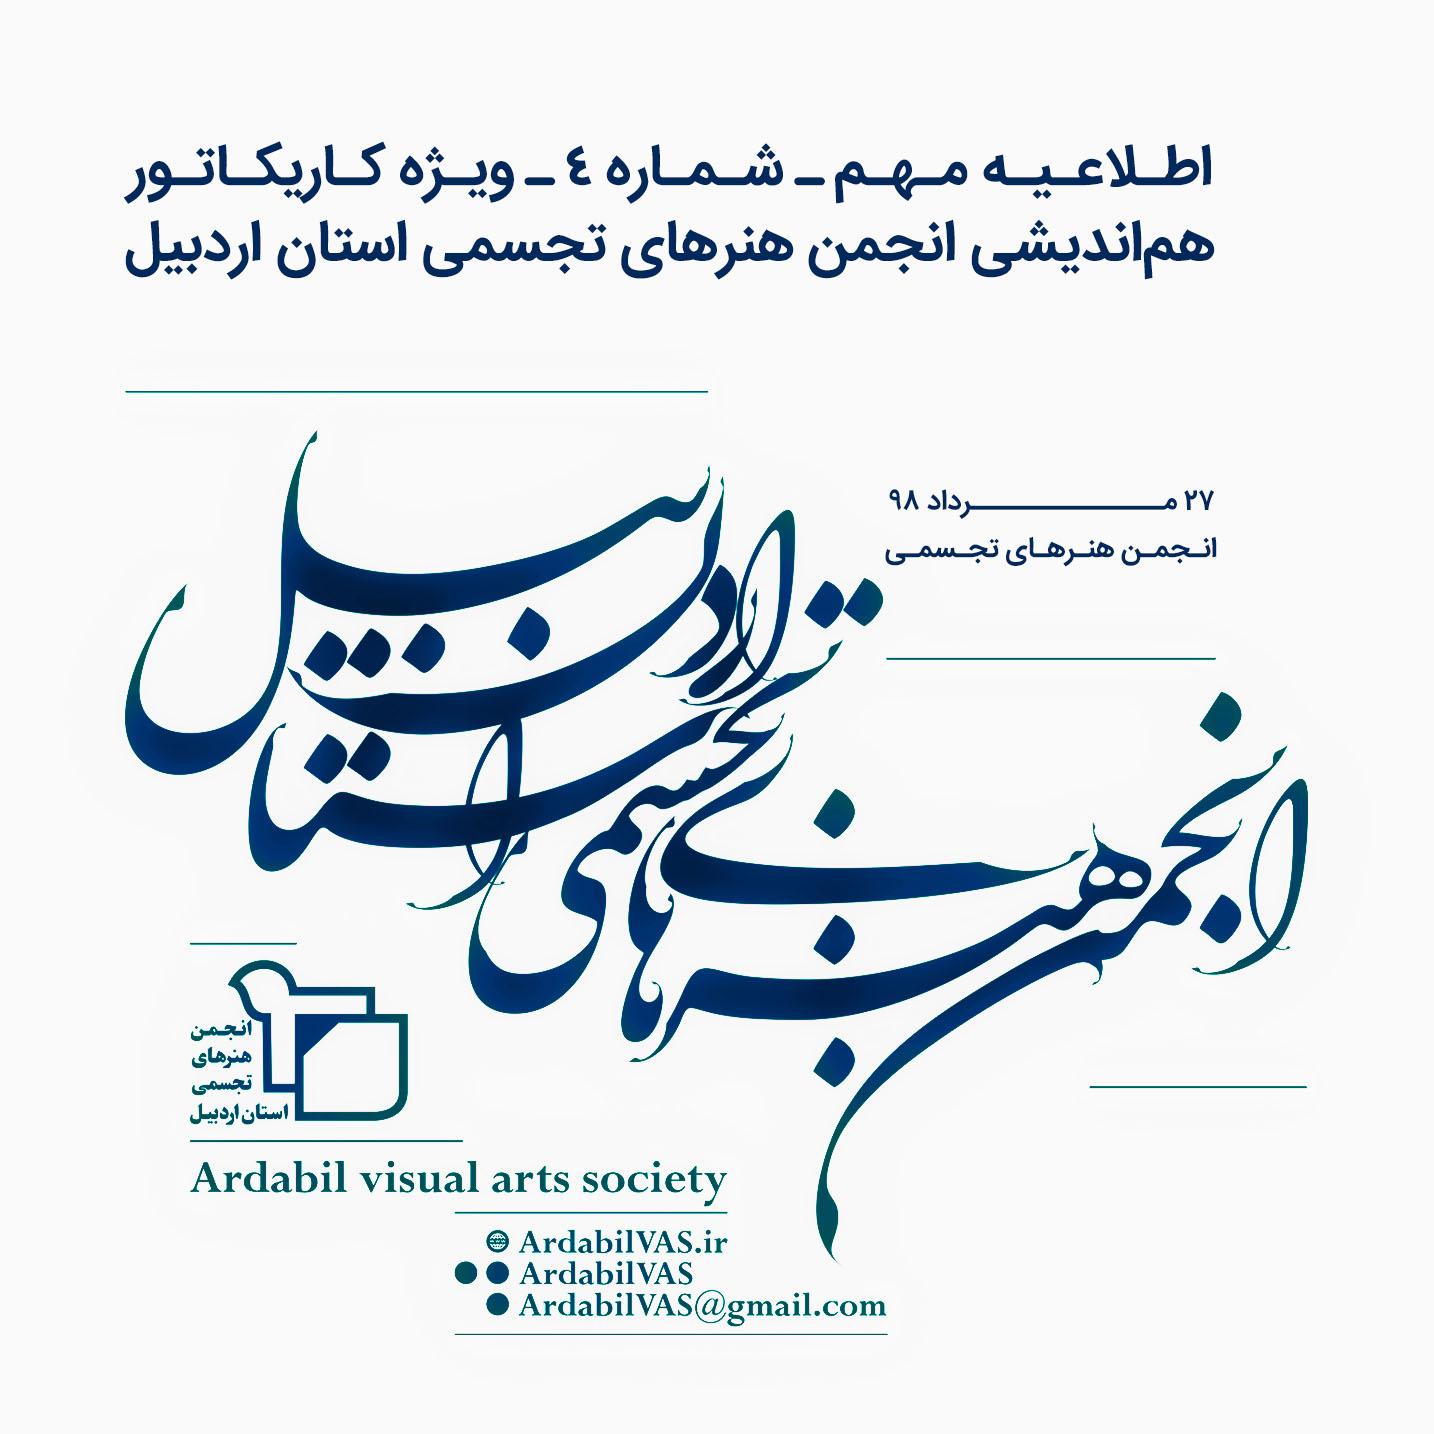 جلسه هماندیشی انجمن هنرهای تجسمی استان اردبیل ـ ویژه کاریکاتور لینک : https://ardabilvas.ir/?p=575 👇 سایت : ardabilvas.ir اینستاگرام : instagram.com/ArdabilVAS کانال : @ArdabilVAS 👆